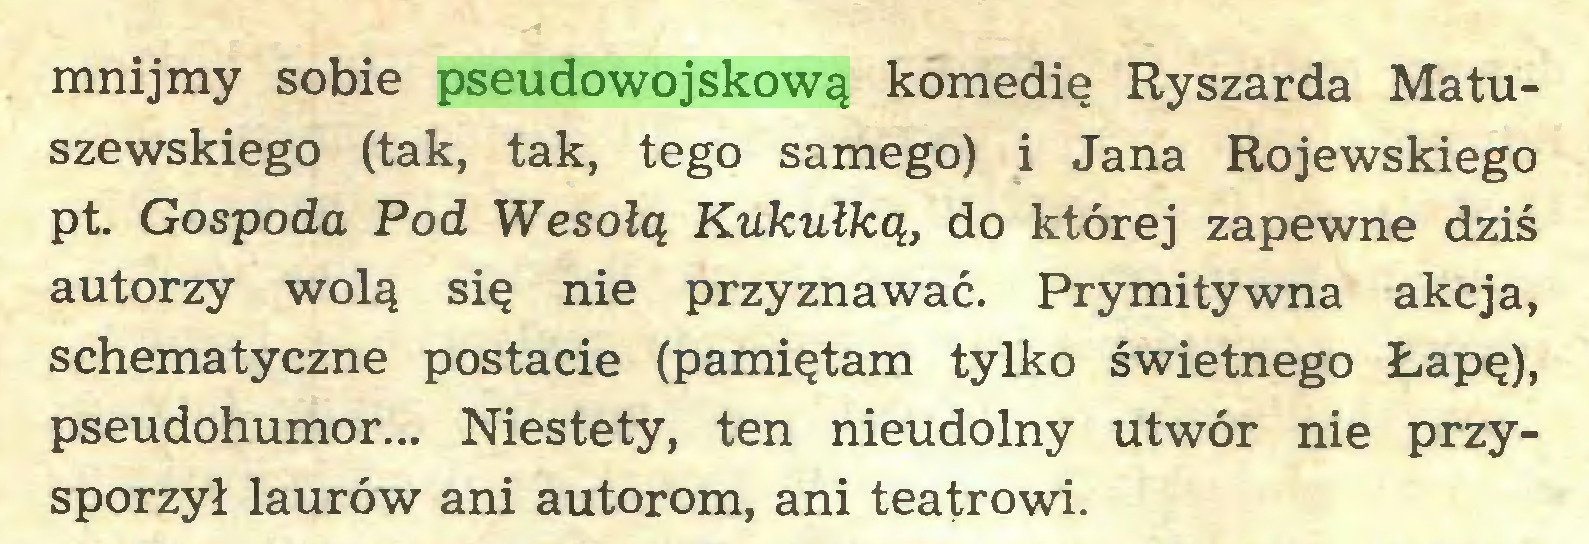 (...) mnijmy sobie pseudowojskową komedię Ryszarda Matuszewskiego (tak, tak, tego samego) i Jana Rojewskiego pt. Gospoda Pod Wesołą Kukułką, do której zapewne dziś autorzy wolą się nie przyznawać. Prymitywna akcja, schematyczne postacie (pamiętam tylko świetnego Łapę), pseudohumor... Niestety, ten nieudolny utwór nie przysporzył laurów ani autorom, ani teatrowi...